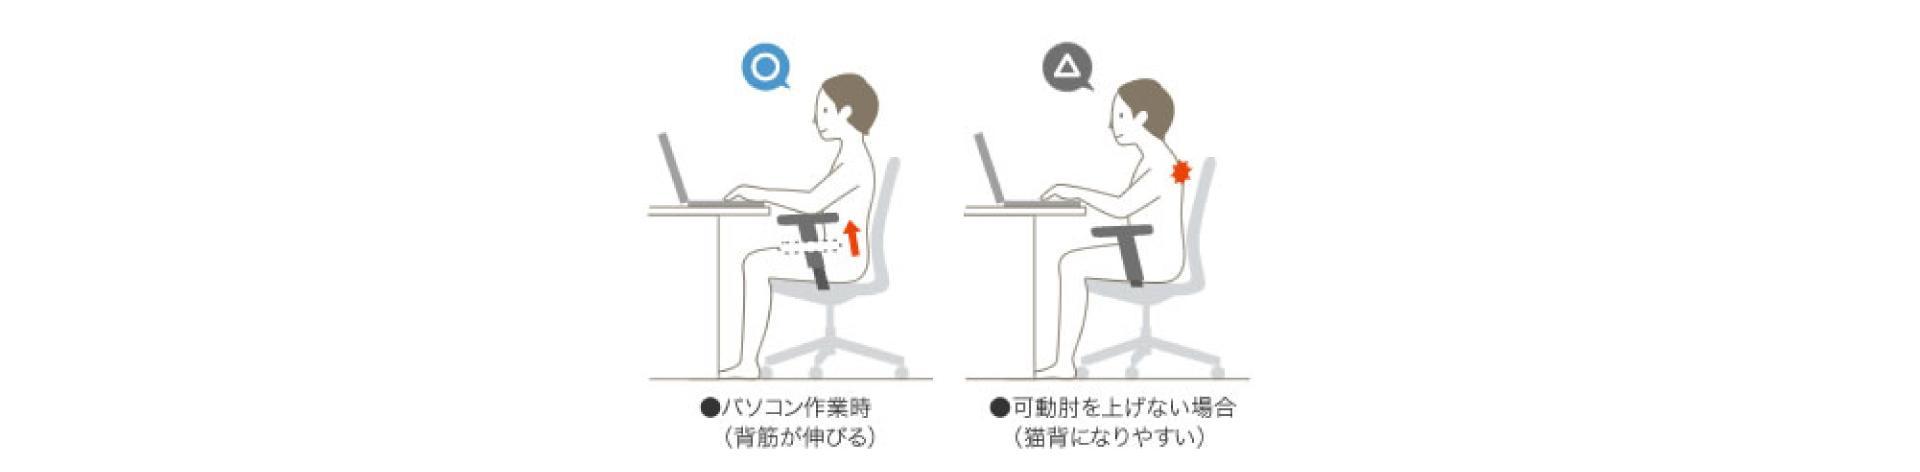 肘掛の高さを調整することで正しい姿勢を保つ